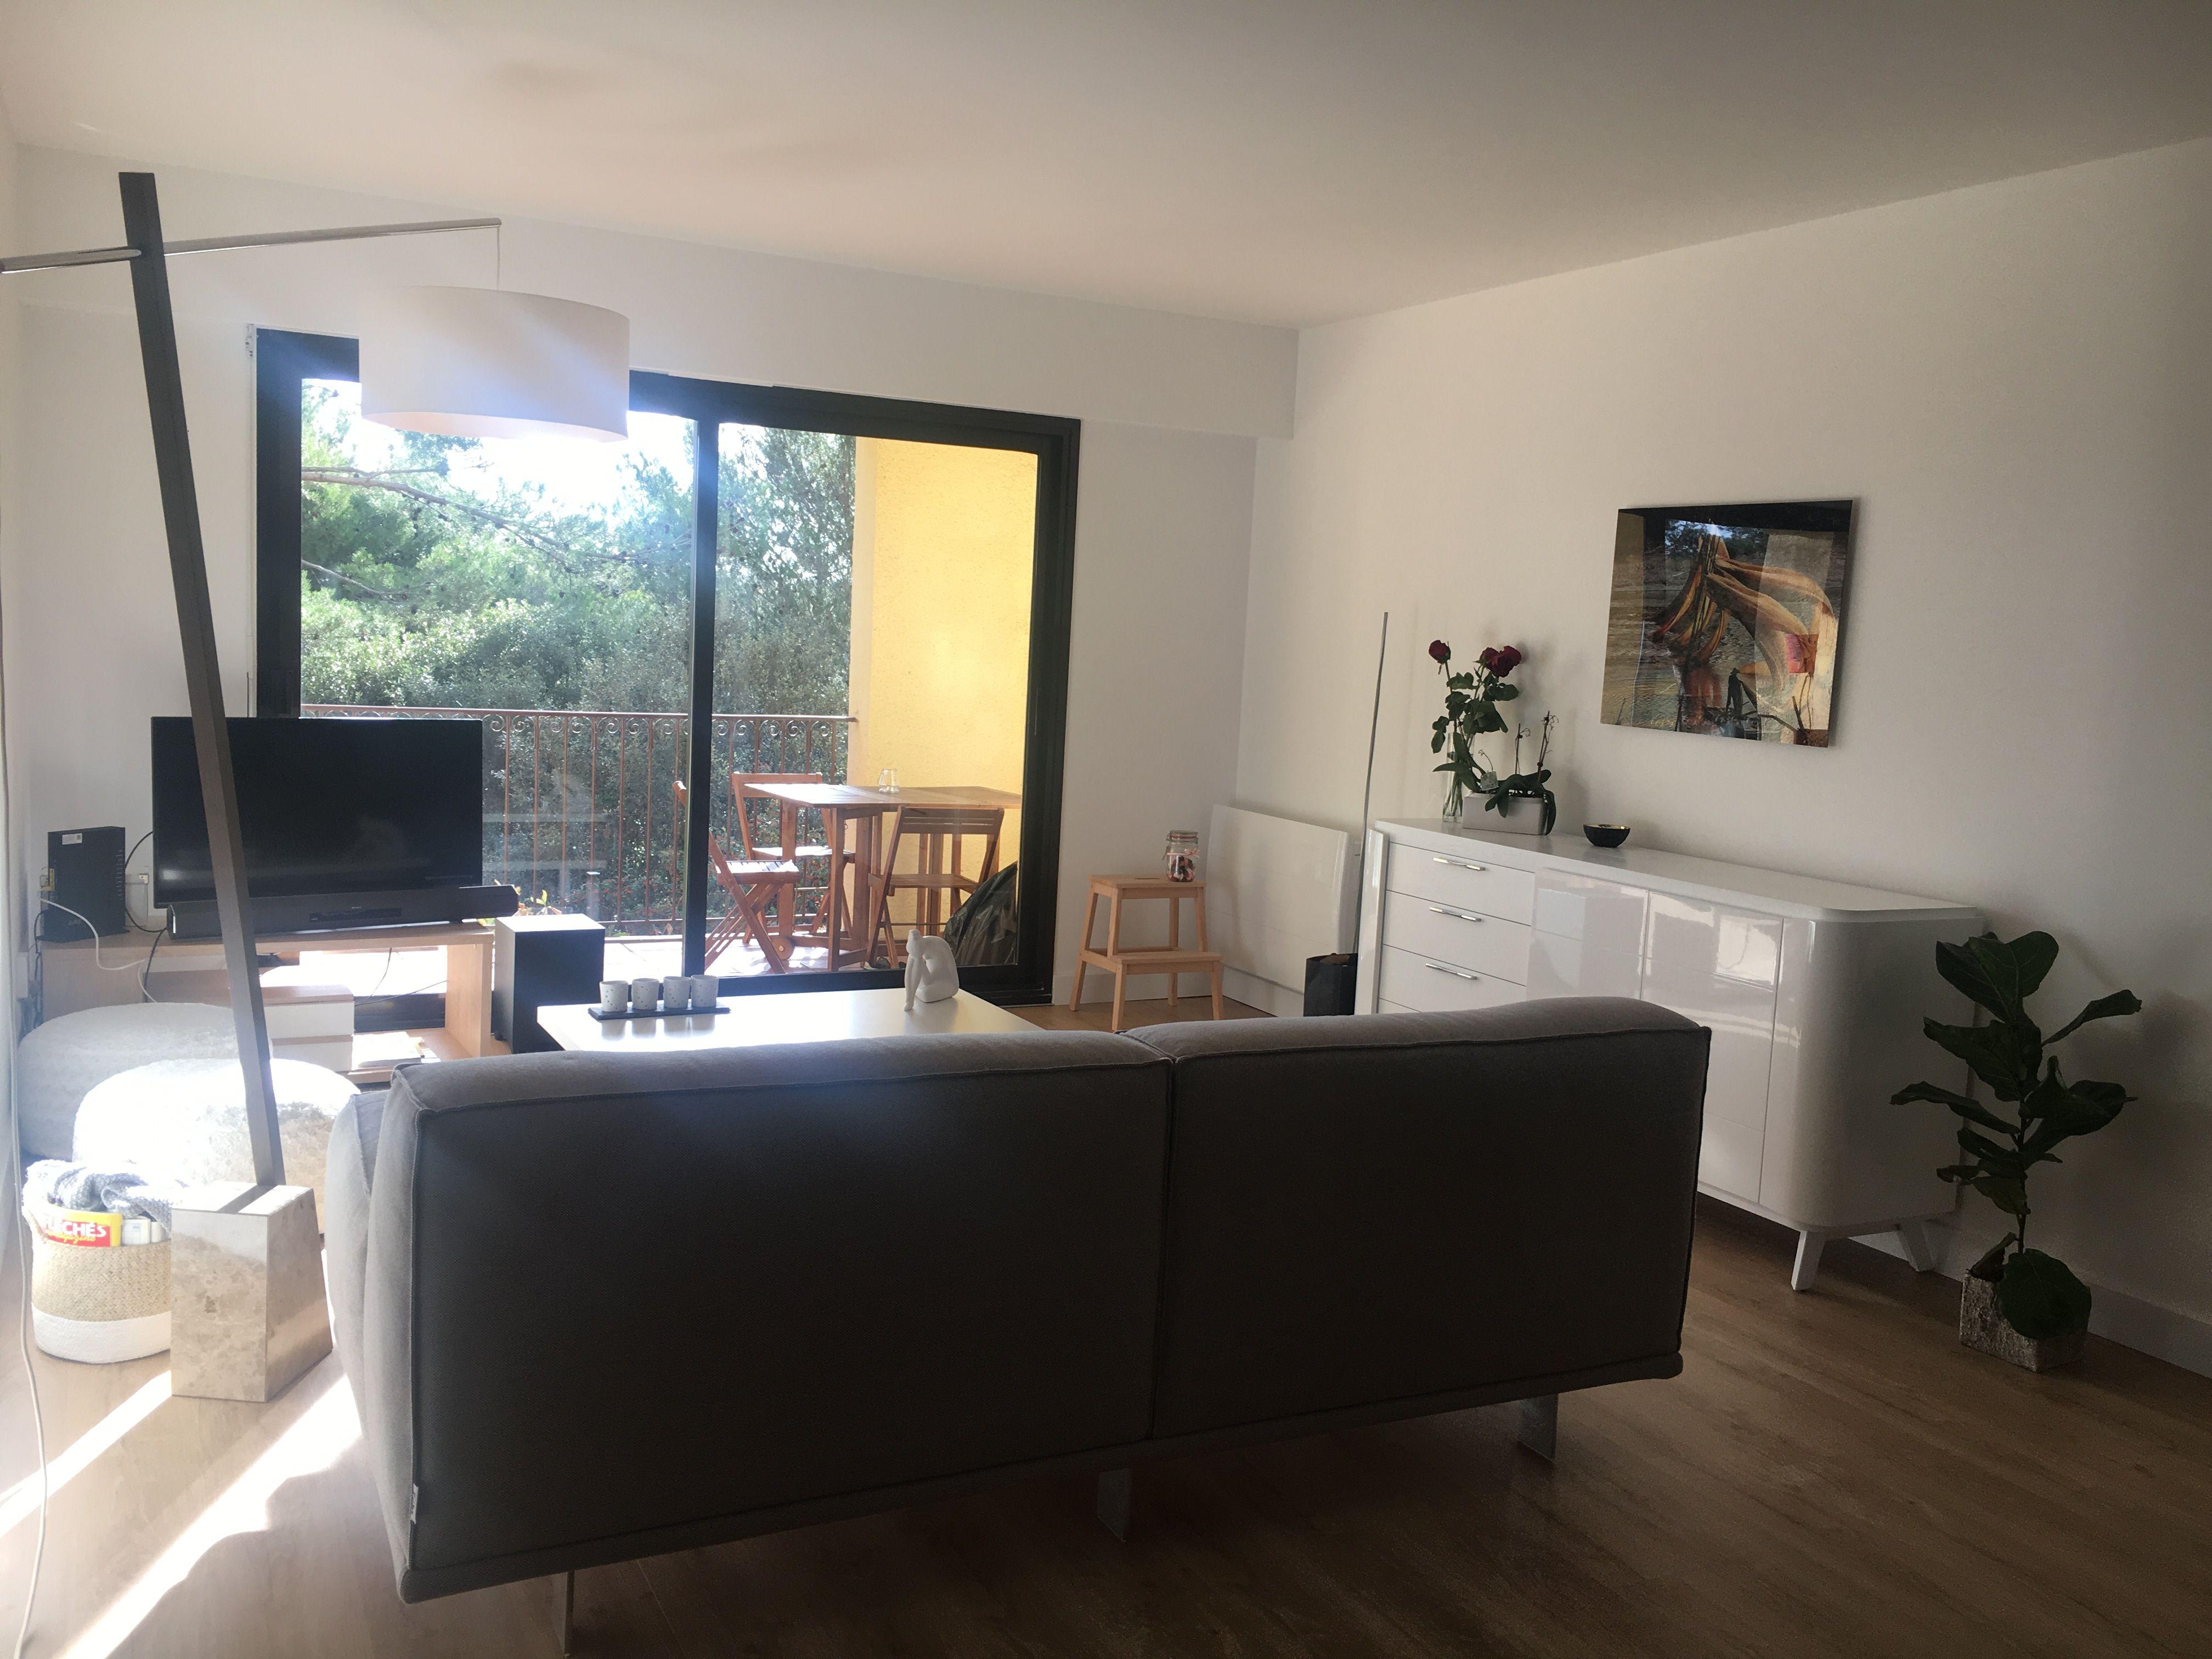 echanger nos maisons free luchange de maison dans votre. Black Bedroom Furniture Sets. Home Design Ideas